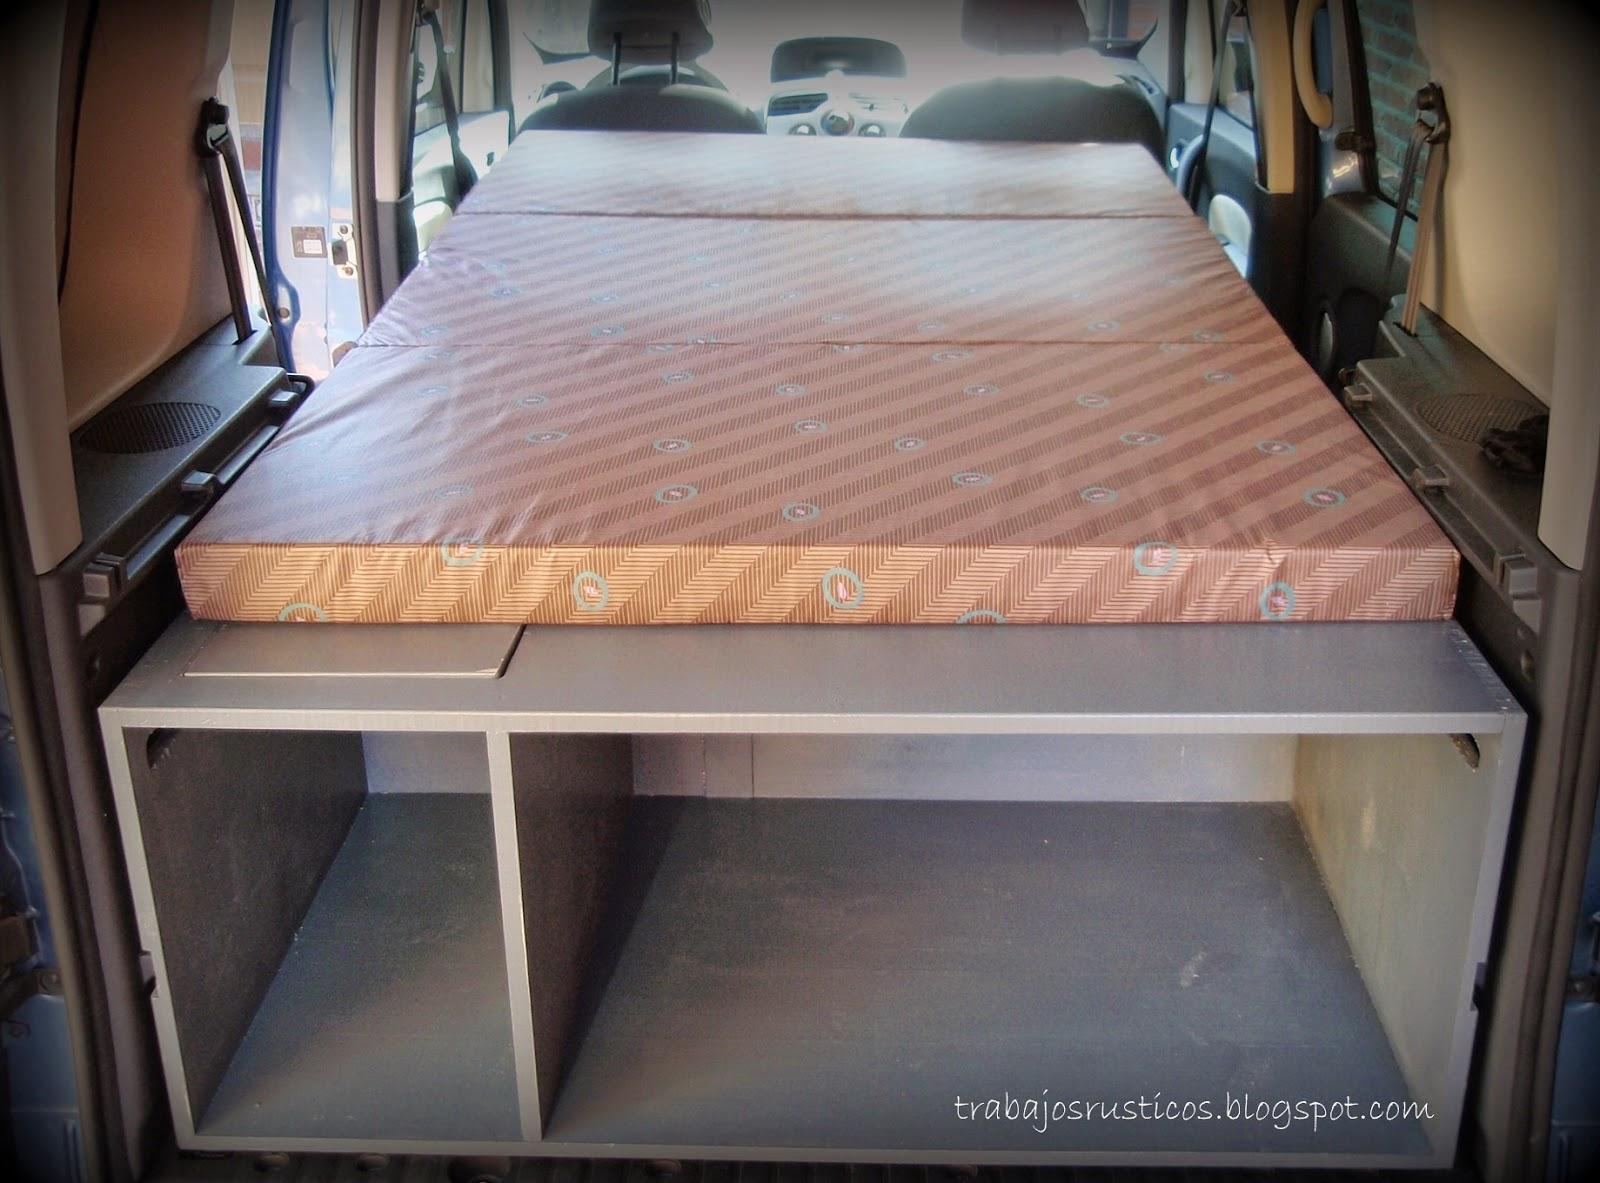 cama se divide en tres, se puede levantar una de las partes para